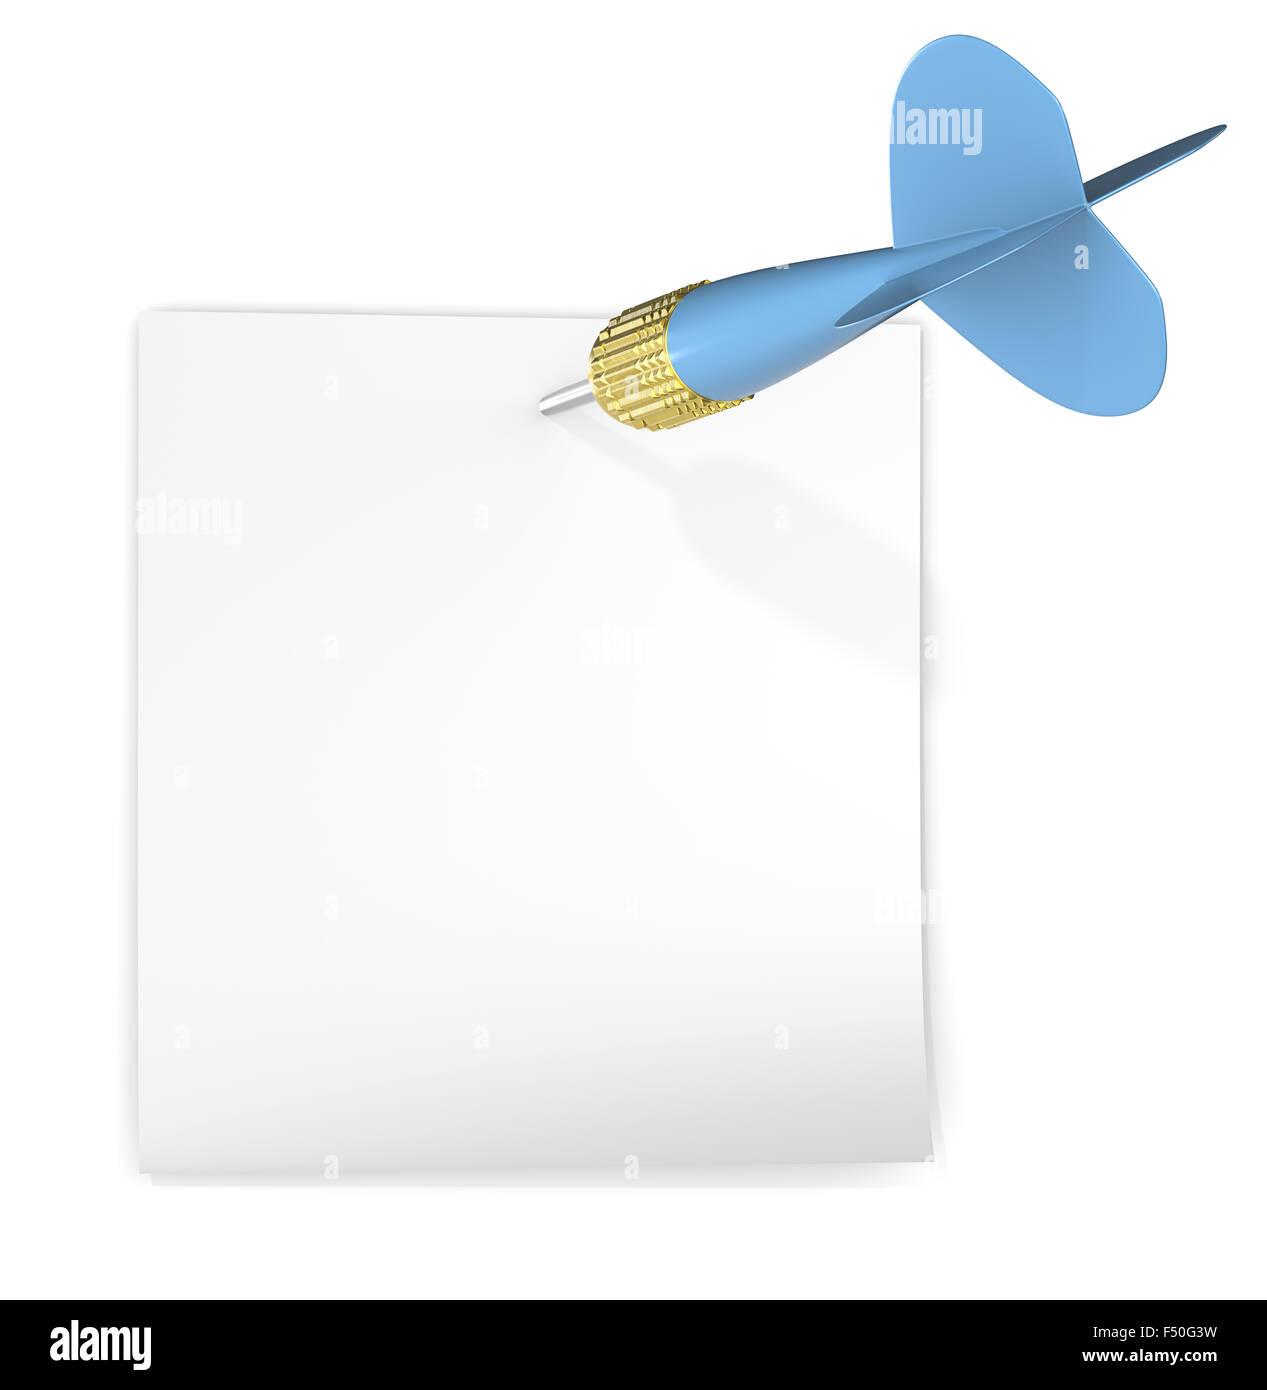 White nota adesiva attaccata con blu freccia DART. Copia dello spazio. Immagini Stock